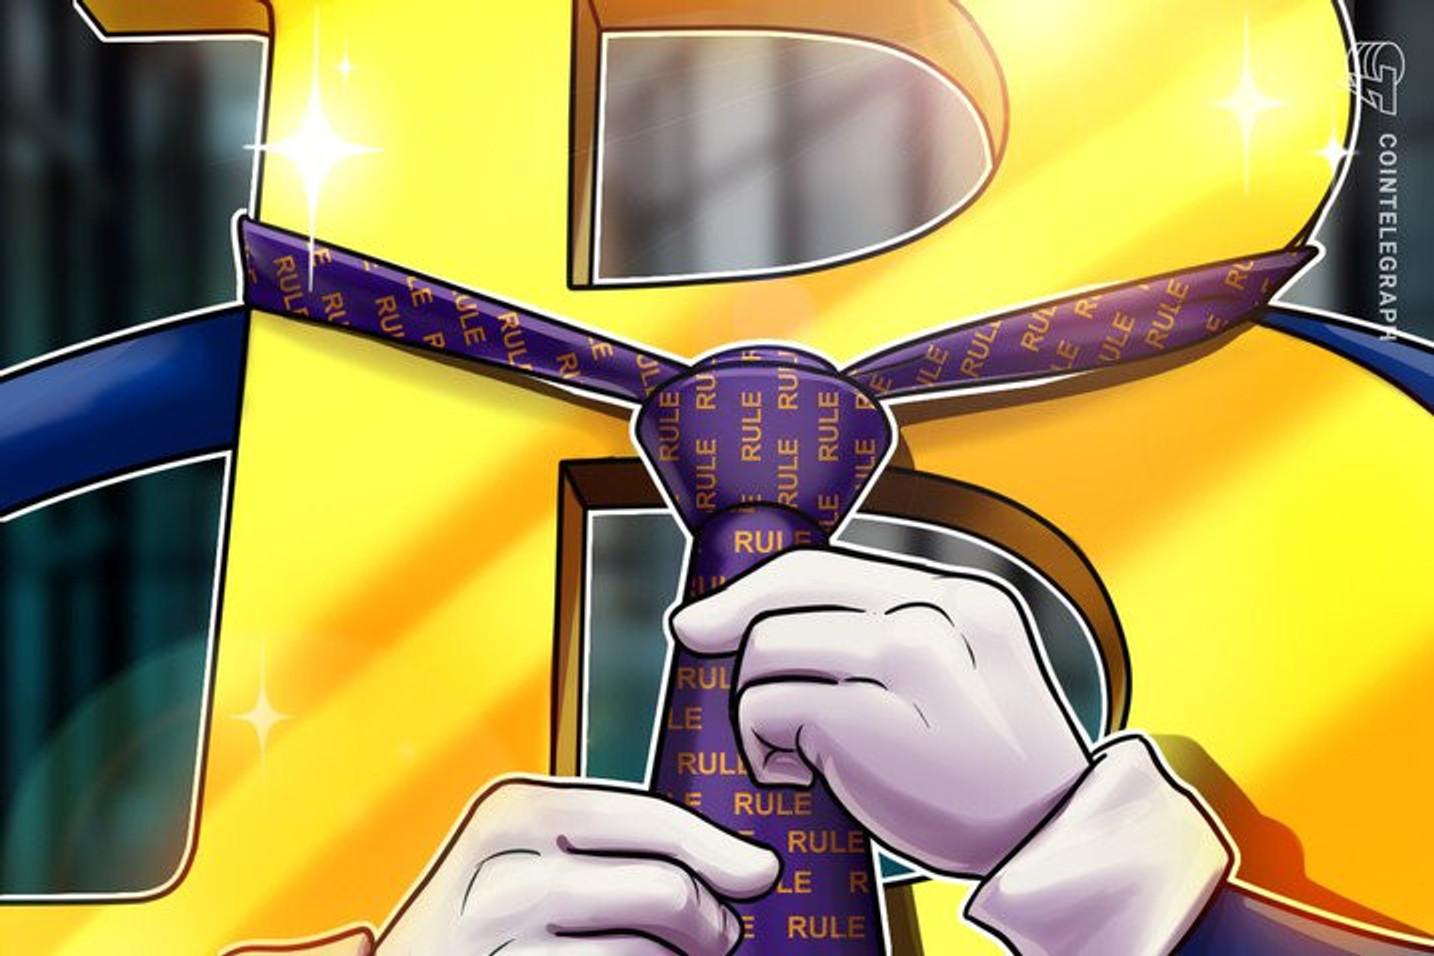 Mercado Bitcoin aponta 'sinal de venda nos R$ 125 mil' para o BTC, segundo análise